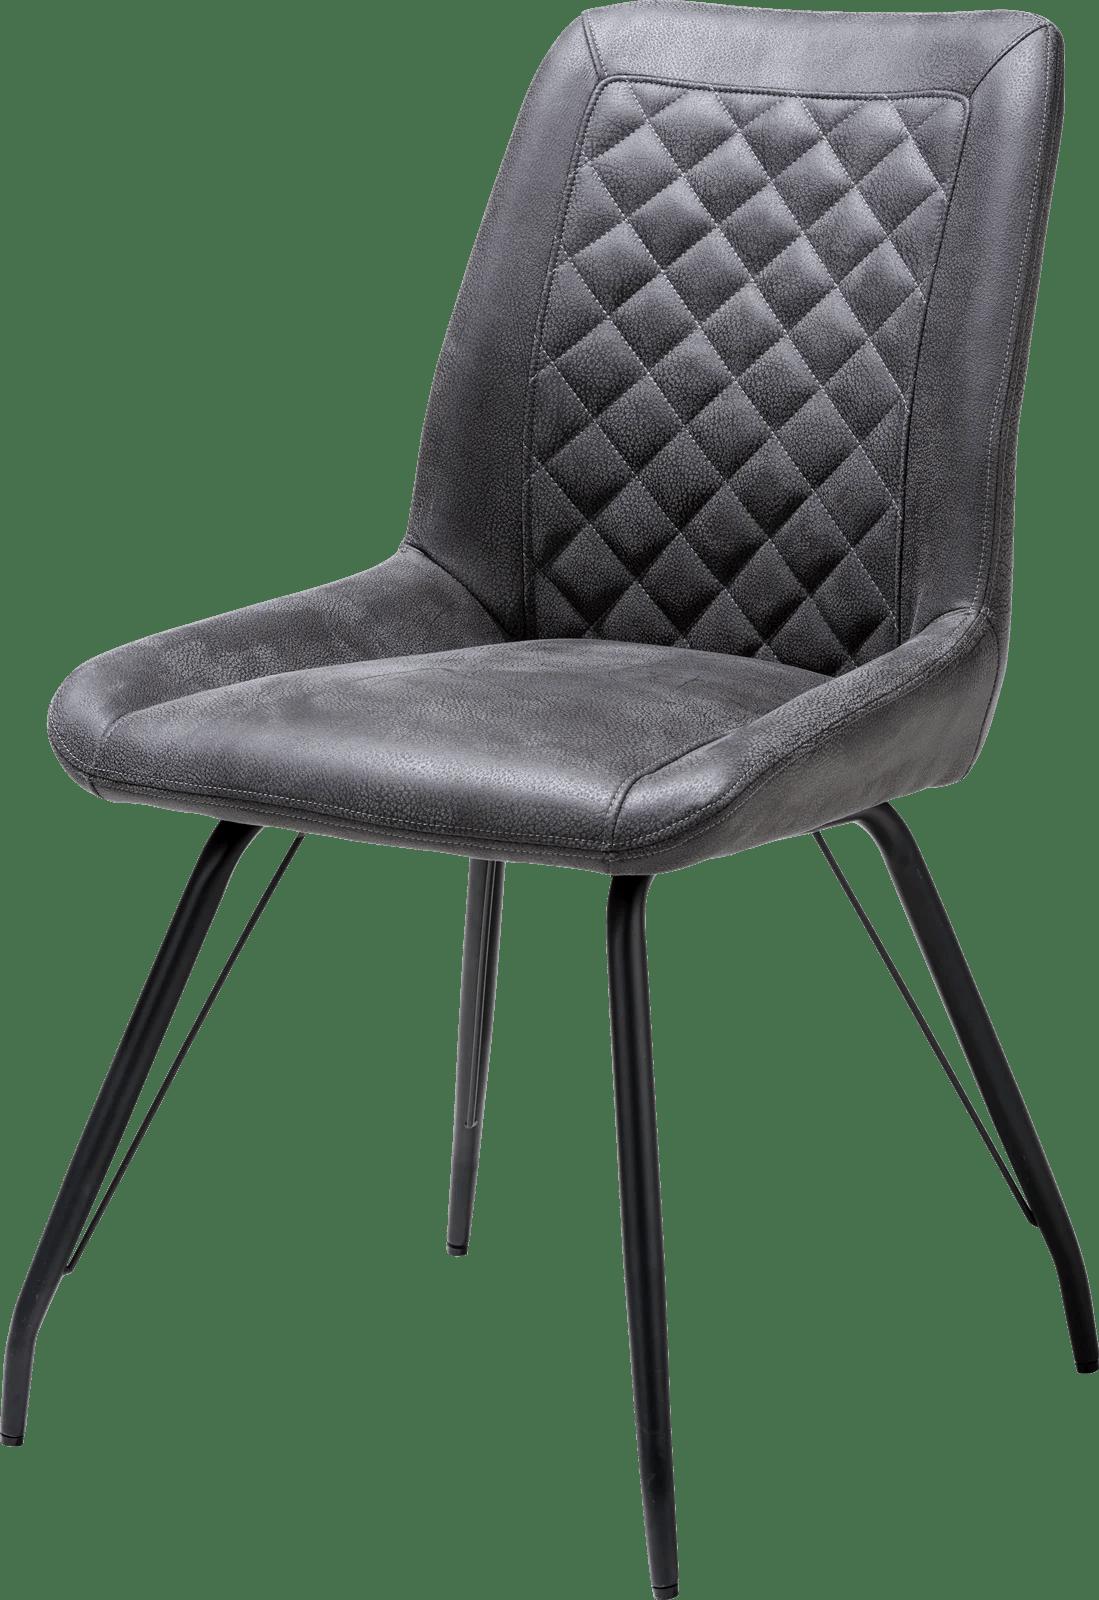 lena stuhl 4 schwarzen fuessen griff